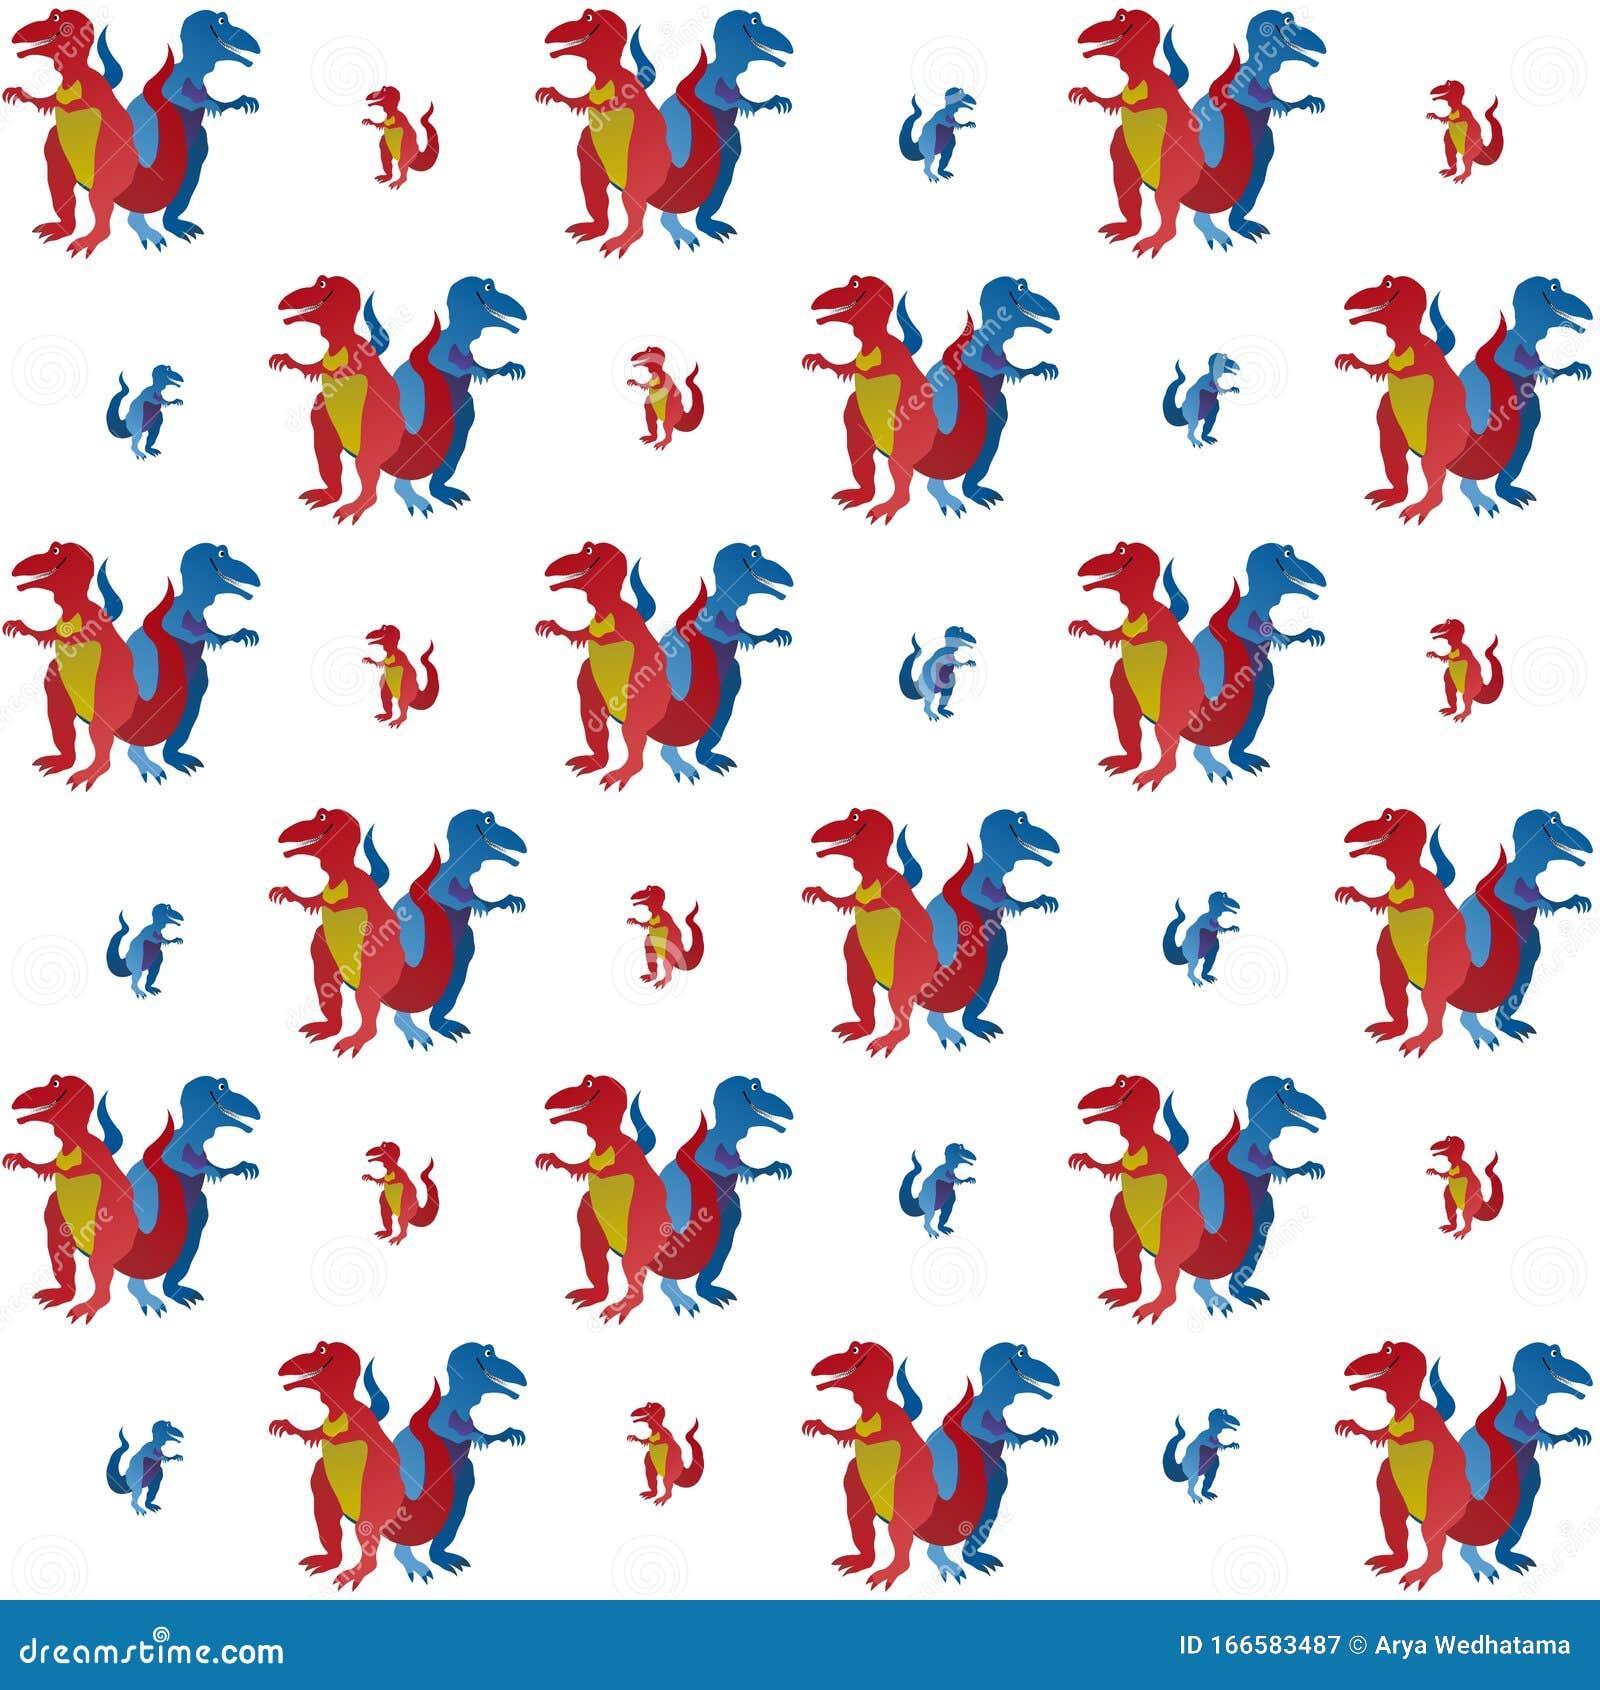 La Asombrosa Ilustracion De Dinosaurios Rojos Y Azules Personaje Gracioso De Caricatura En El Fondo Colorido Fondos De Pantalla Stock De Ilustracion Ilustracion De Asombrosa Caricatura 166583487 Tampoco hay posibilidad de obtener verdaderos colores metálicos. dinosaurios rojos